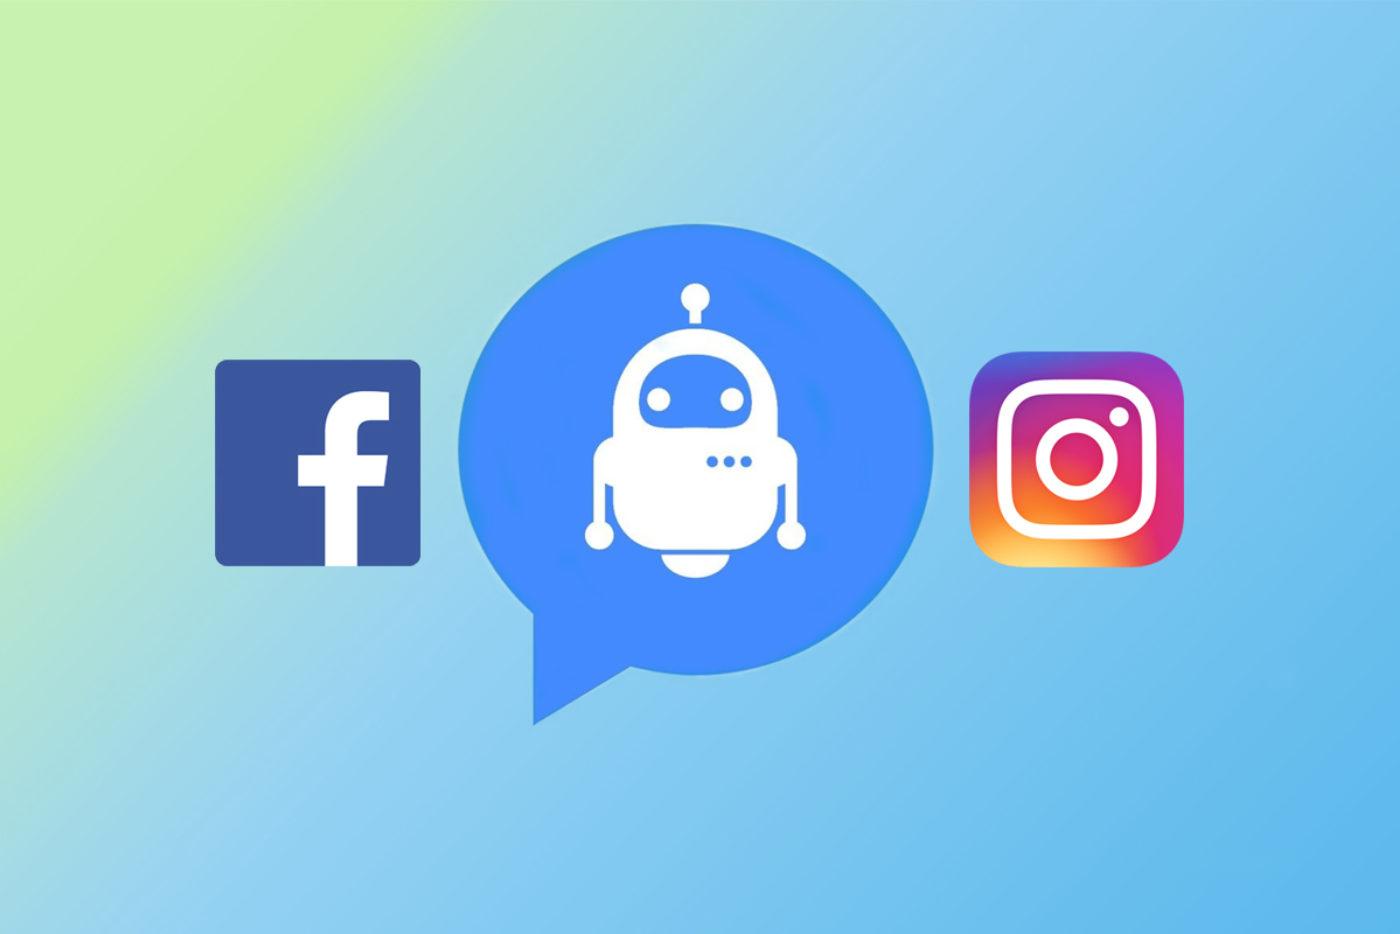 Мероприятия: Мастер-класс «Чат-бот для рекламы в Facebook и Instagram» в Одессе